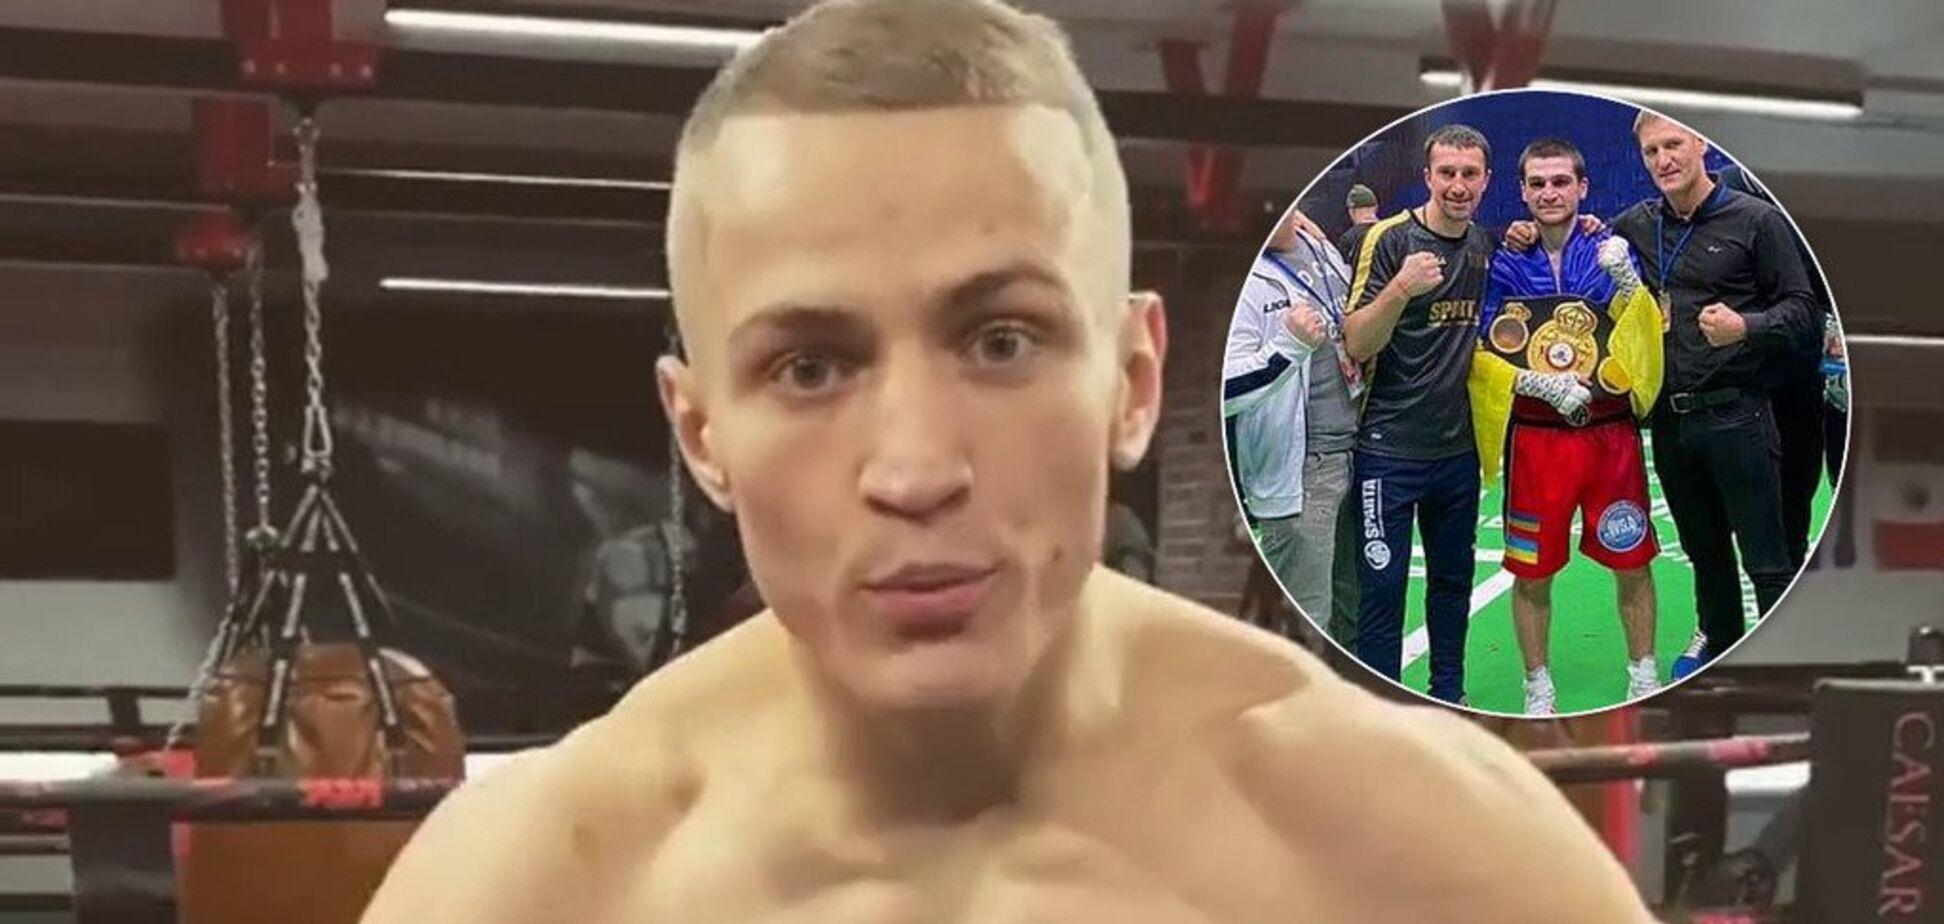 Непобедимый российский боксер был избит украинцем за понты перед боем